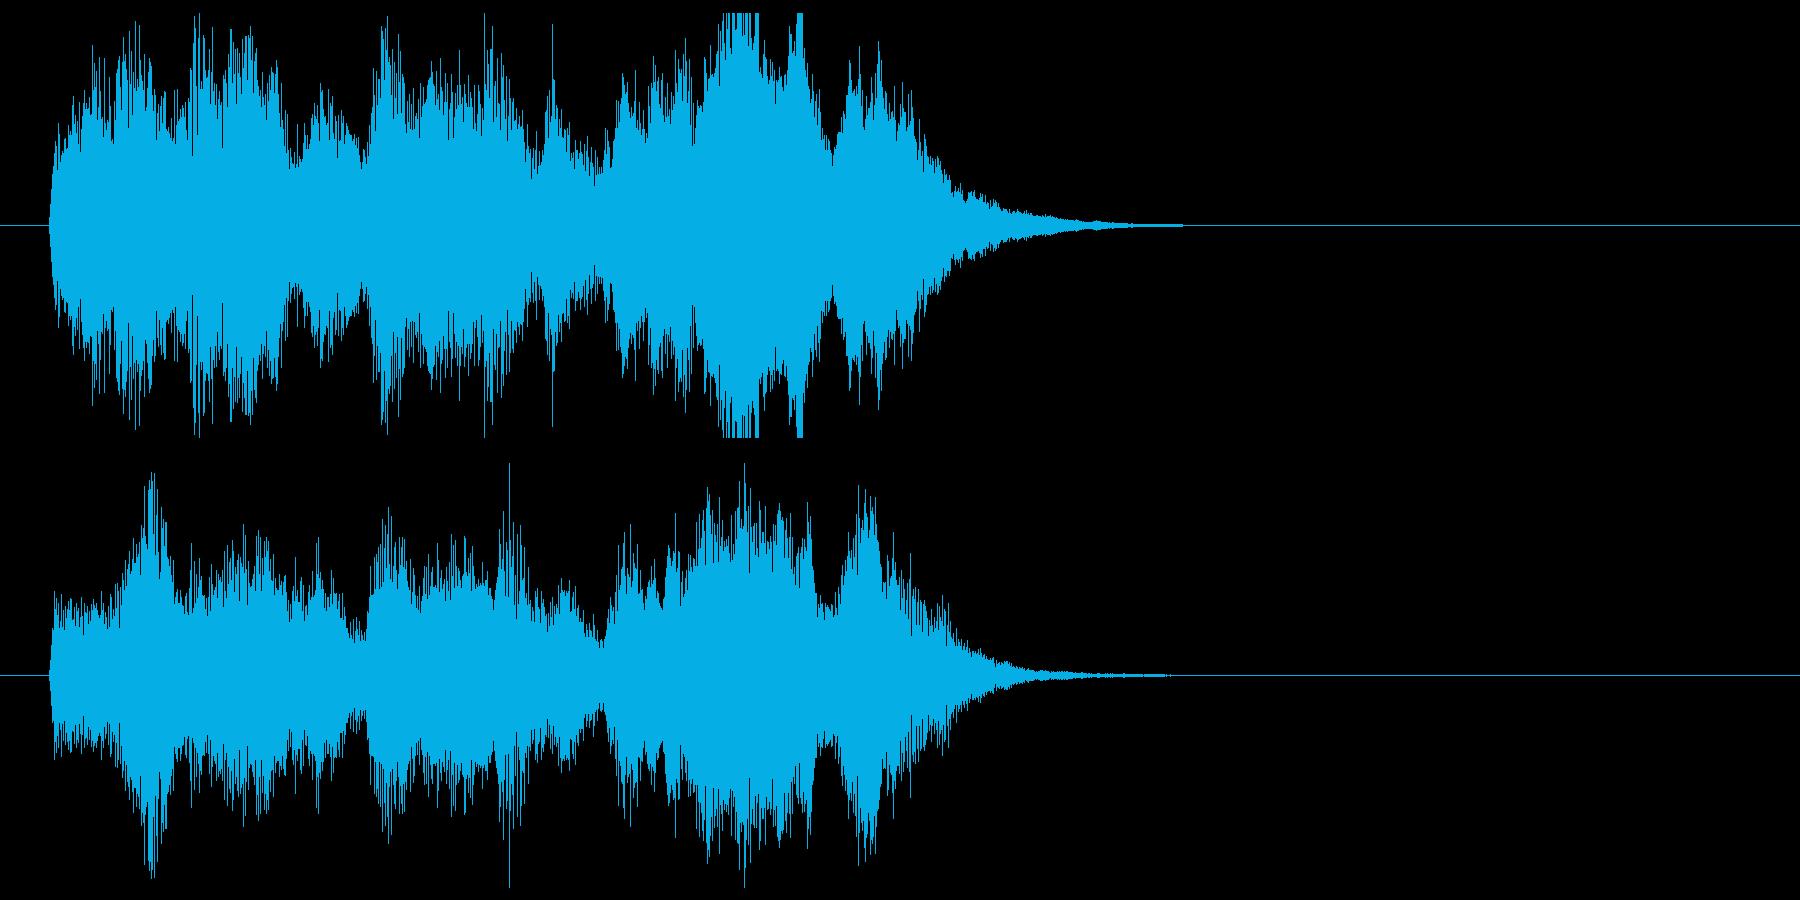 ポップでキャッチ―シンセジングルの再生済みの波形